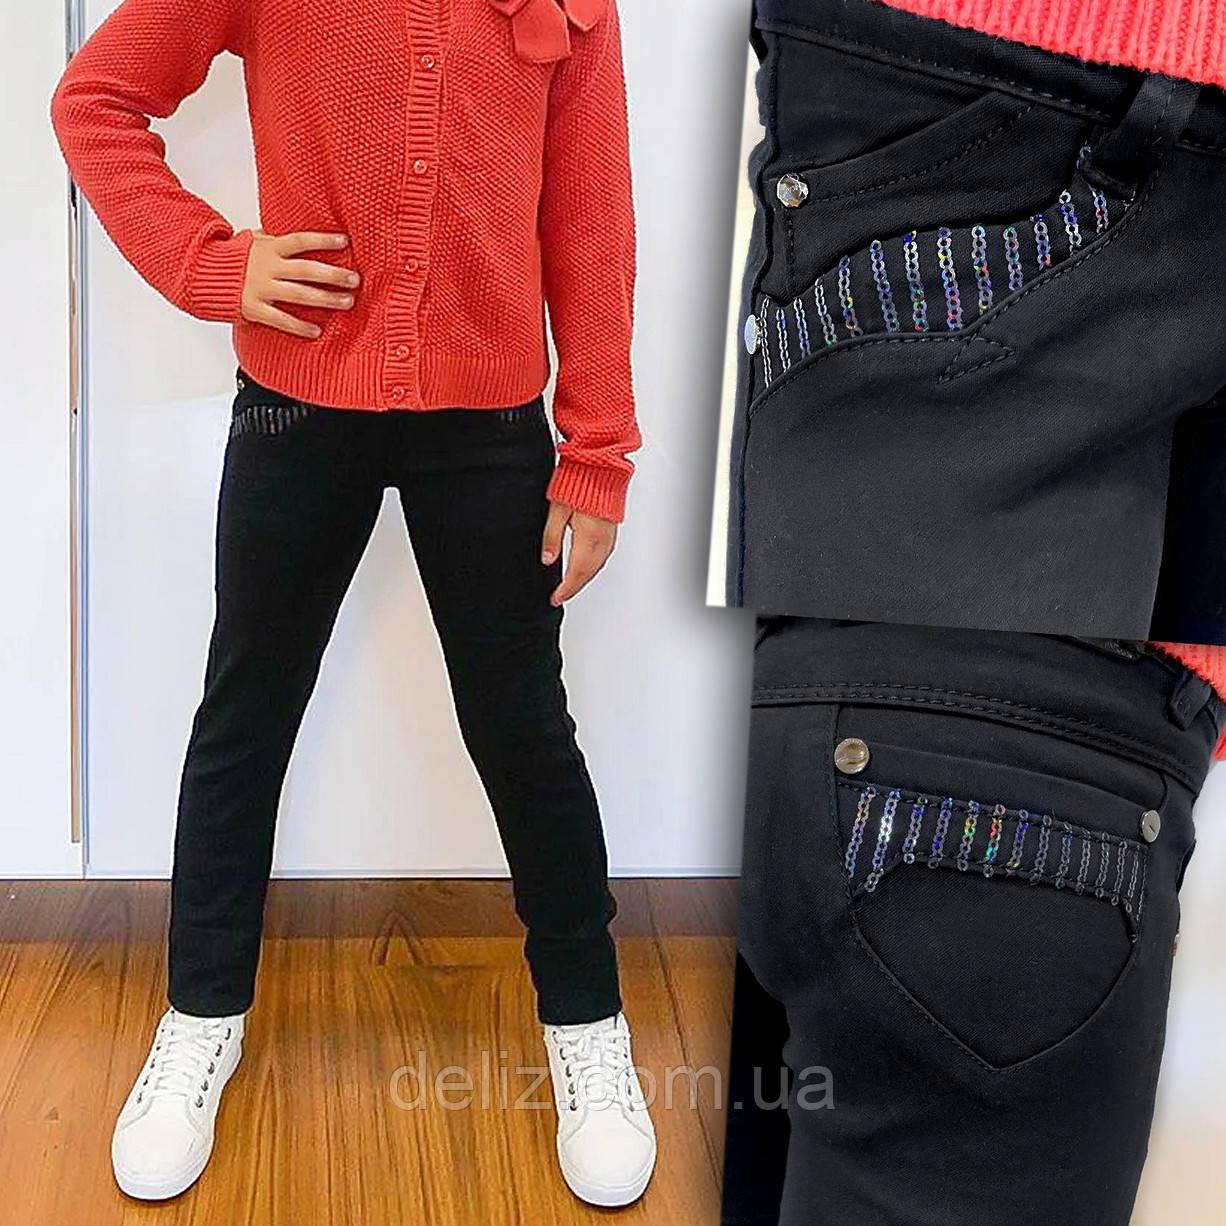 Чорні шкільні брюки для дівчинки Lafeidina Jeans 718. Розмір 21 (на 6-7 років, є заміри)